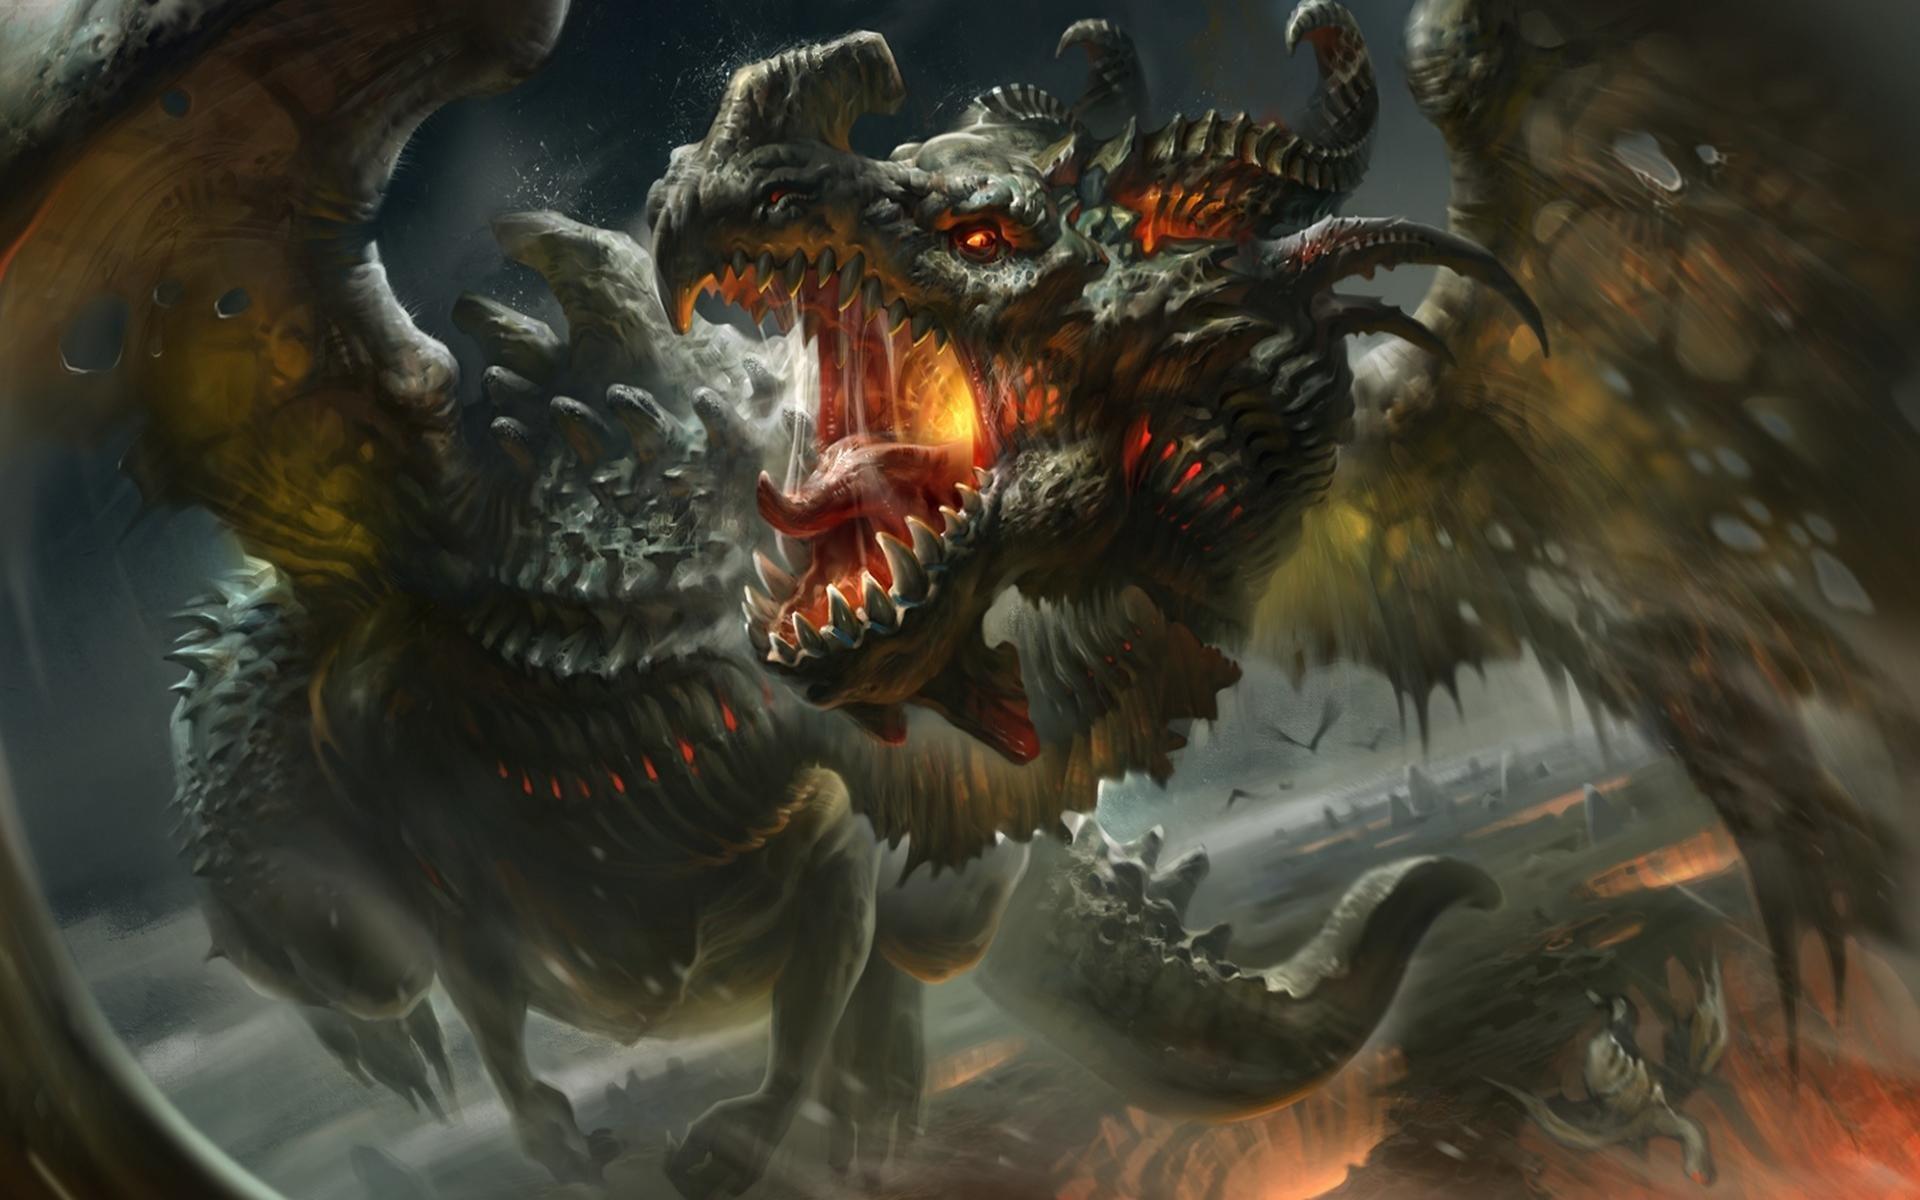 High Resolution Dragon Hd Wallpaper Id Dragon Fangs 1920x1200 Wallpaper Teahub Io